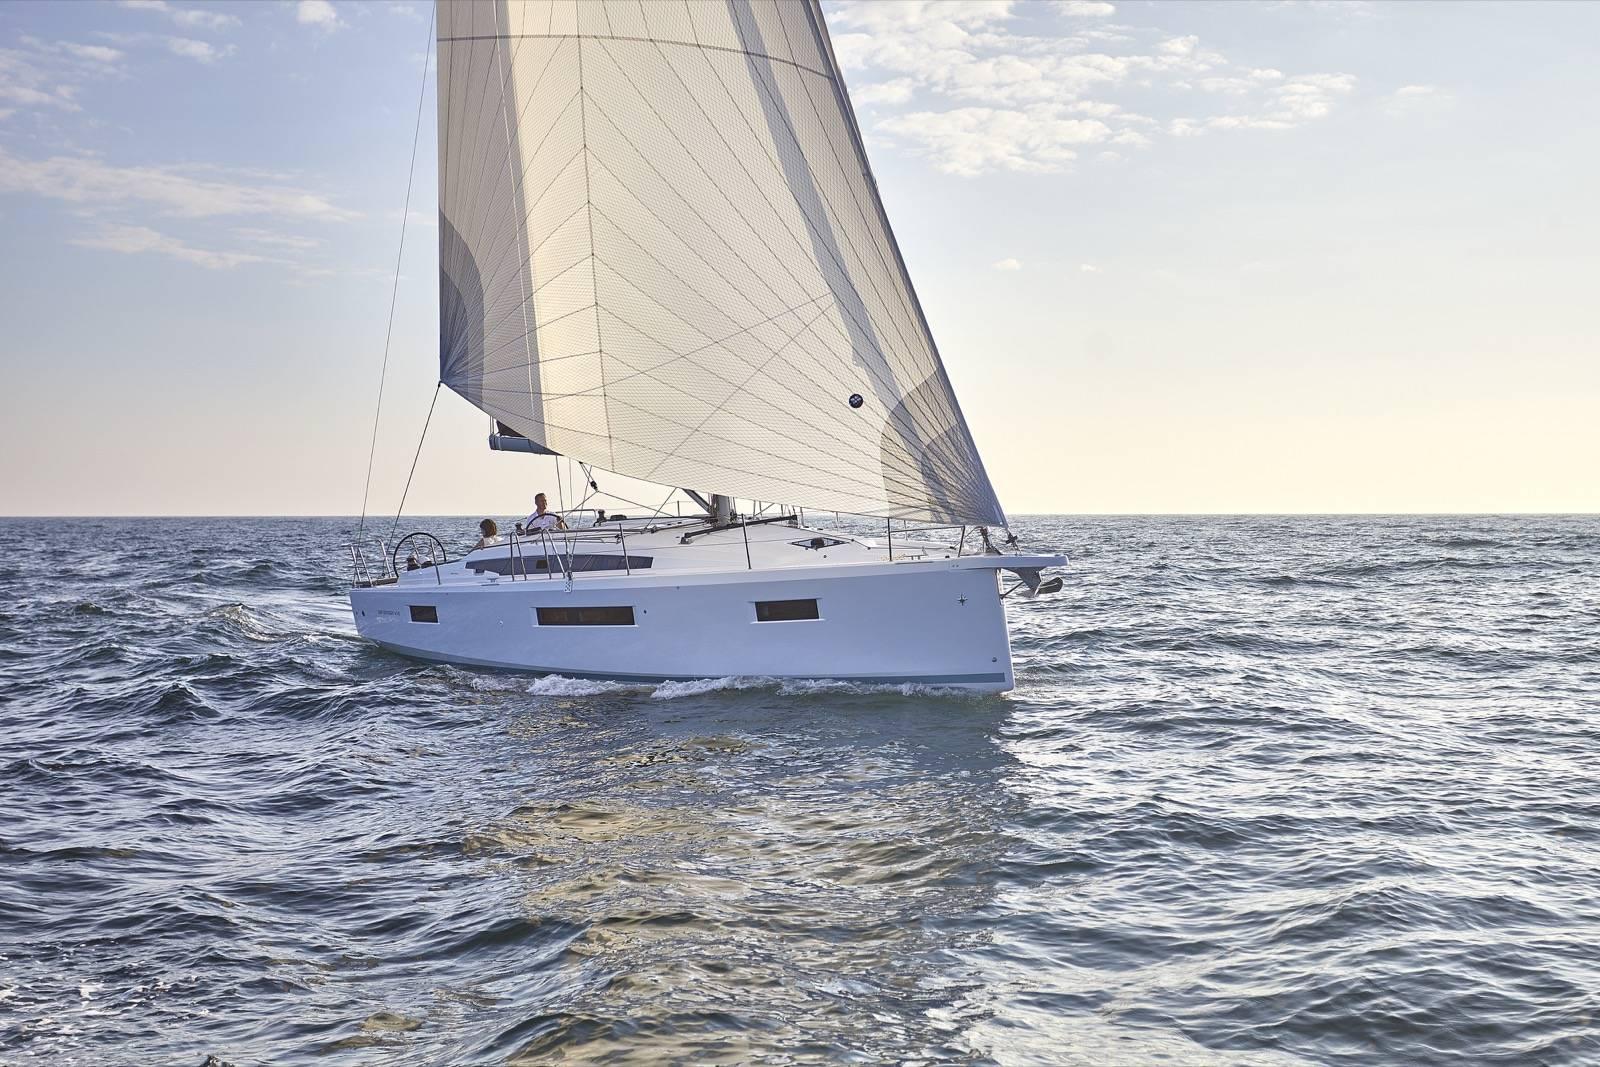 Jeanneau Sun Odyssey 410 For Sale - Jeanneau Main Dealer